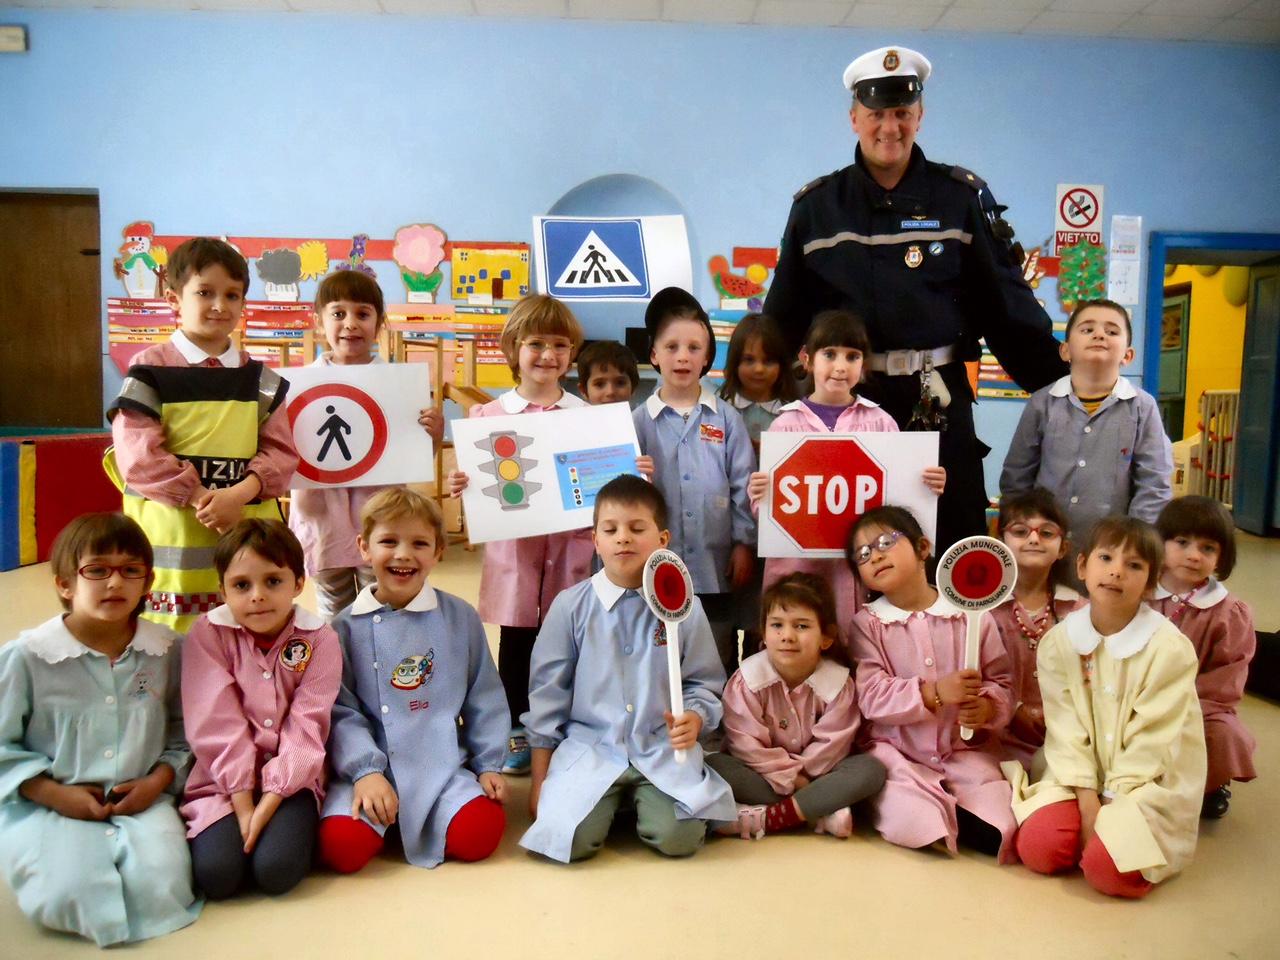 La Guida - A Farigliano un mese di educazione con la Polizia locale